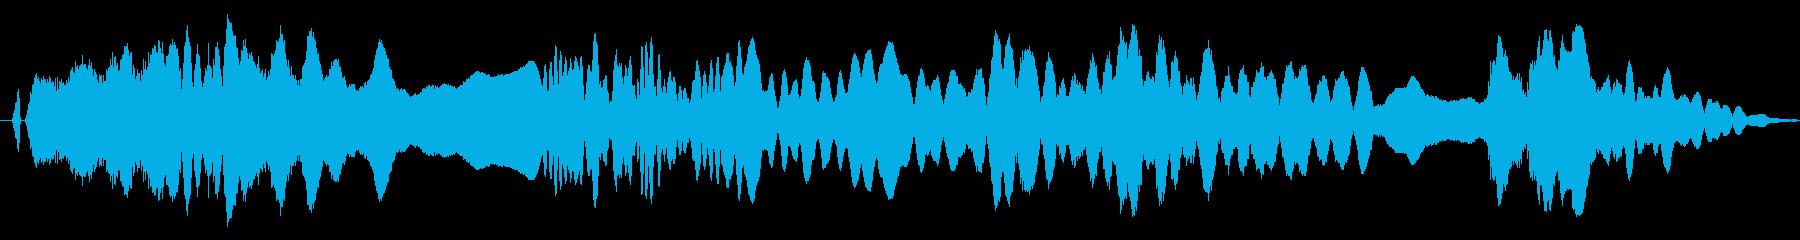 よお〜!ドン!/和風/歌舞伎ジングル01の再生済みの波形